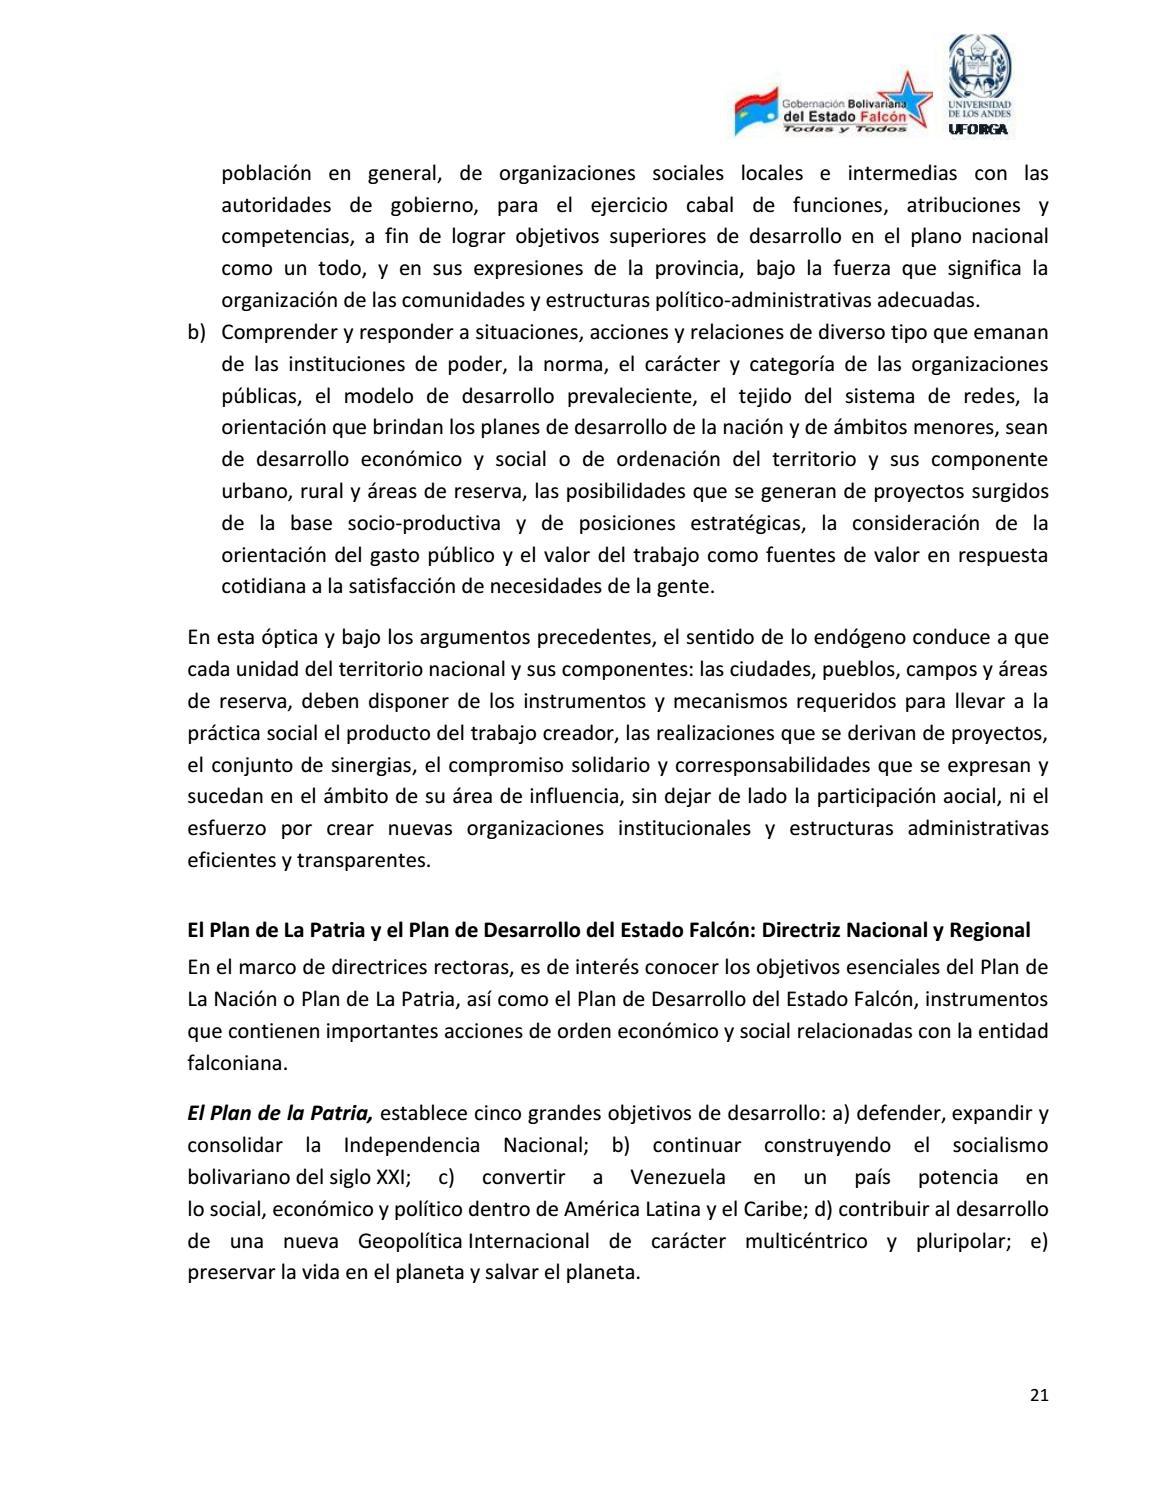 Plan falcon 030215 tomo i by Productora Bacoa - issuu